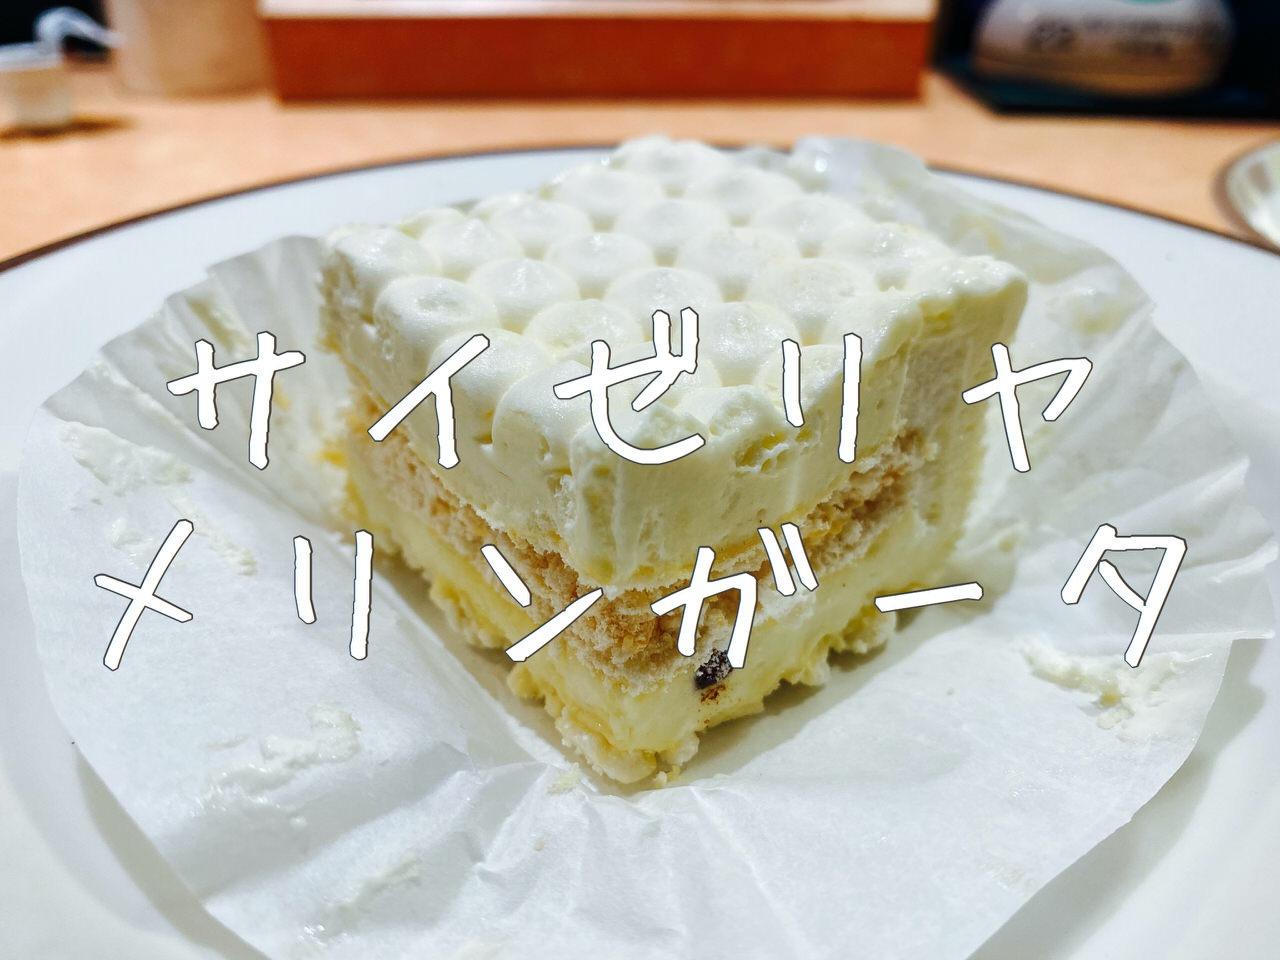 【サイゼリヤ】冷たくてサクサクする199円のデザート「メリンガータ」が美味しい